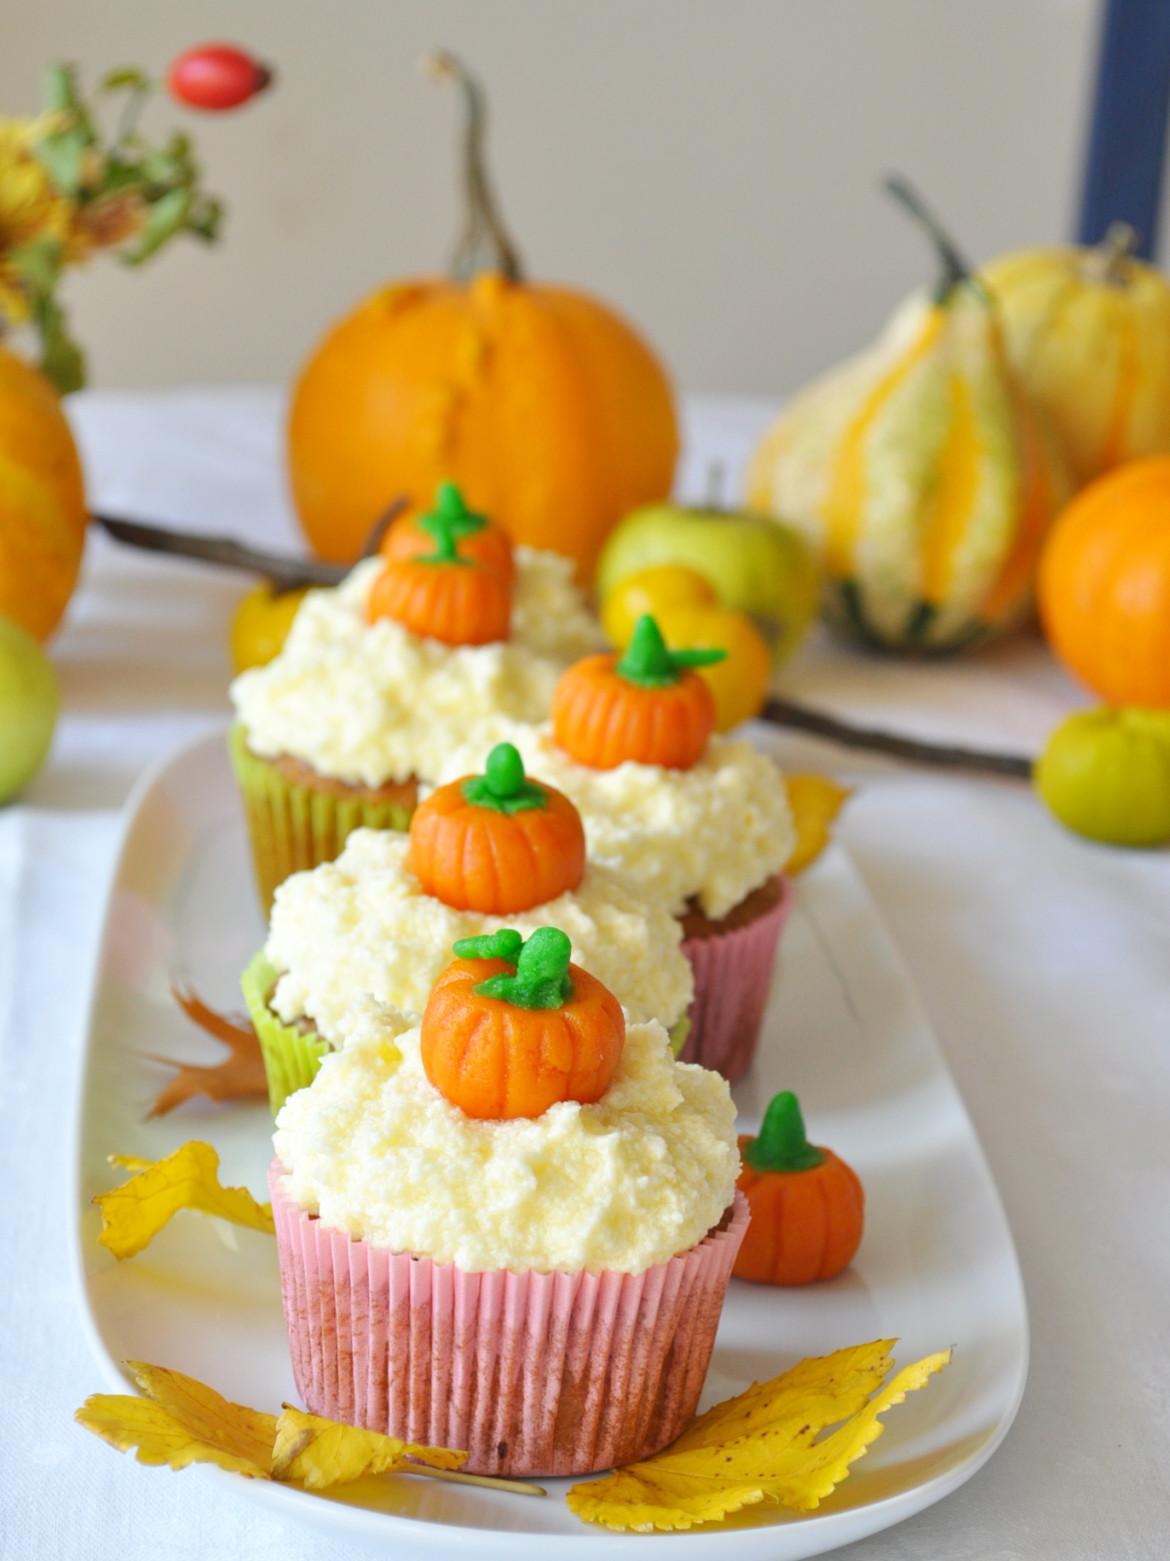 a-jesen-muffiny-za-sebou